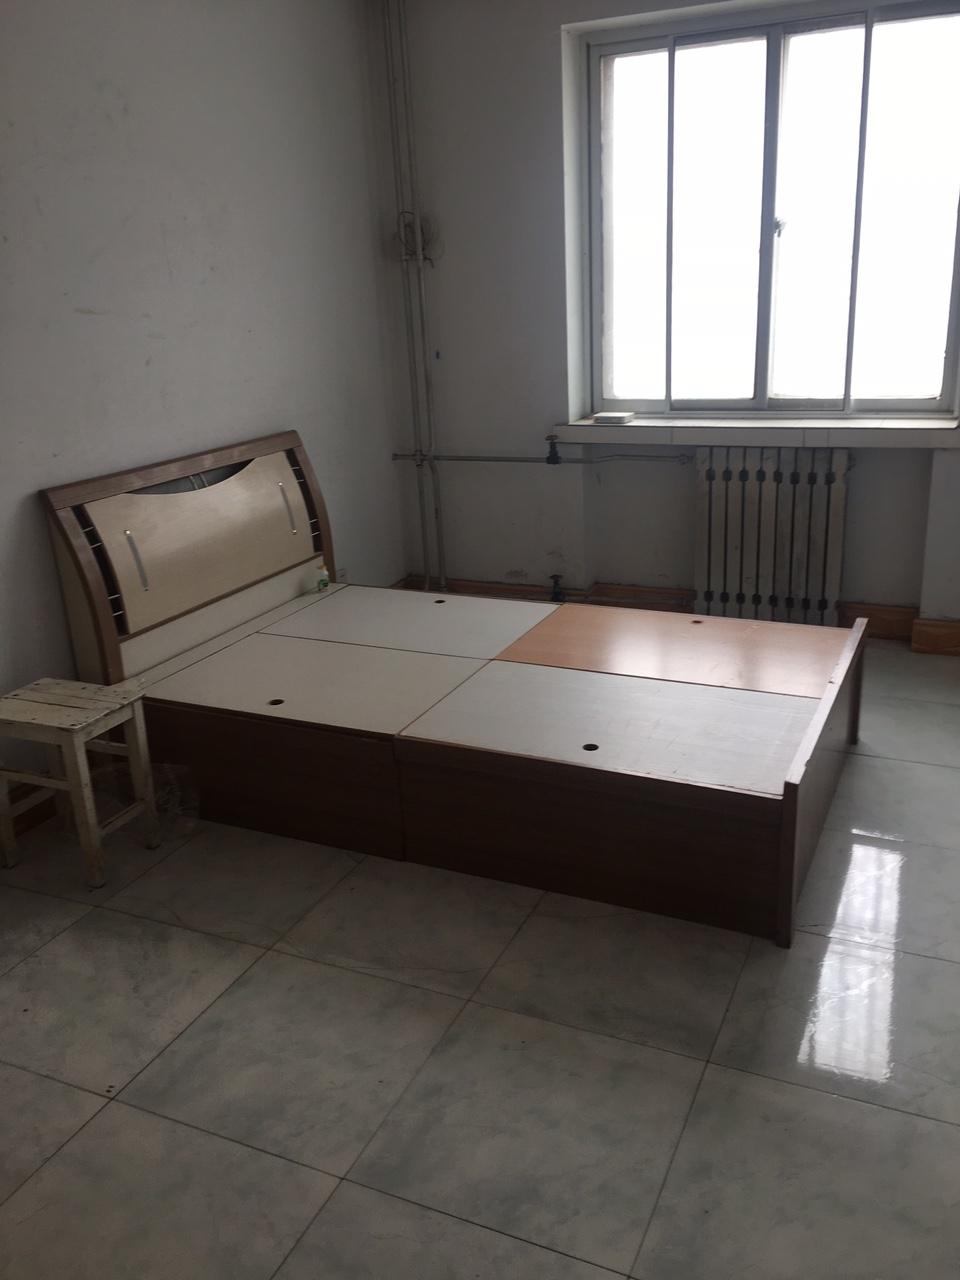 出售二手床,八成新。100便宜出售